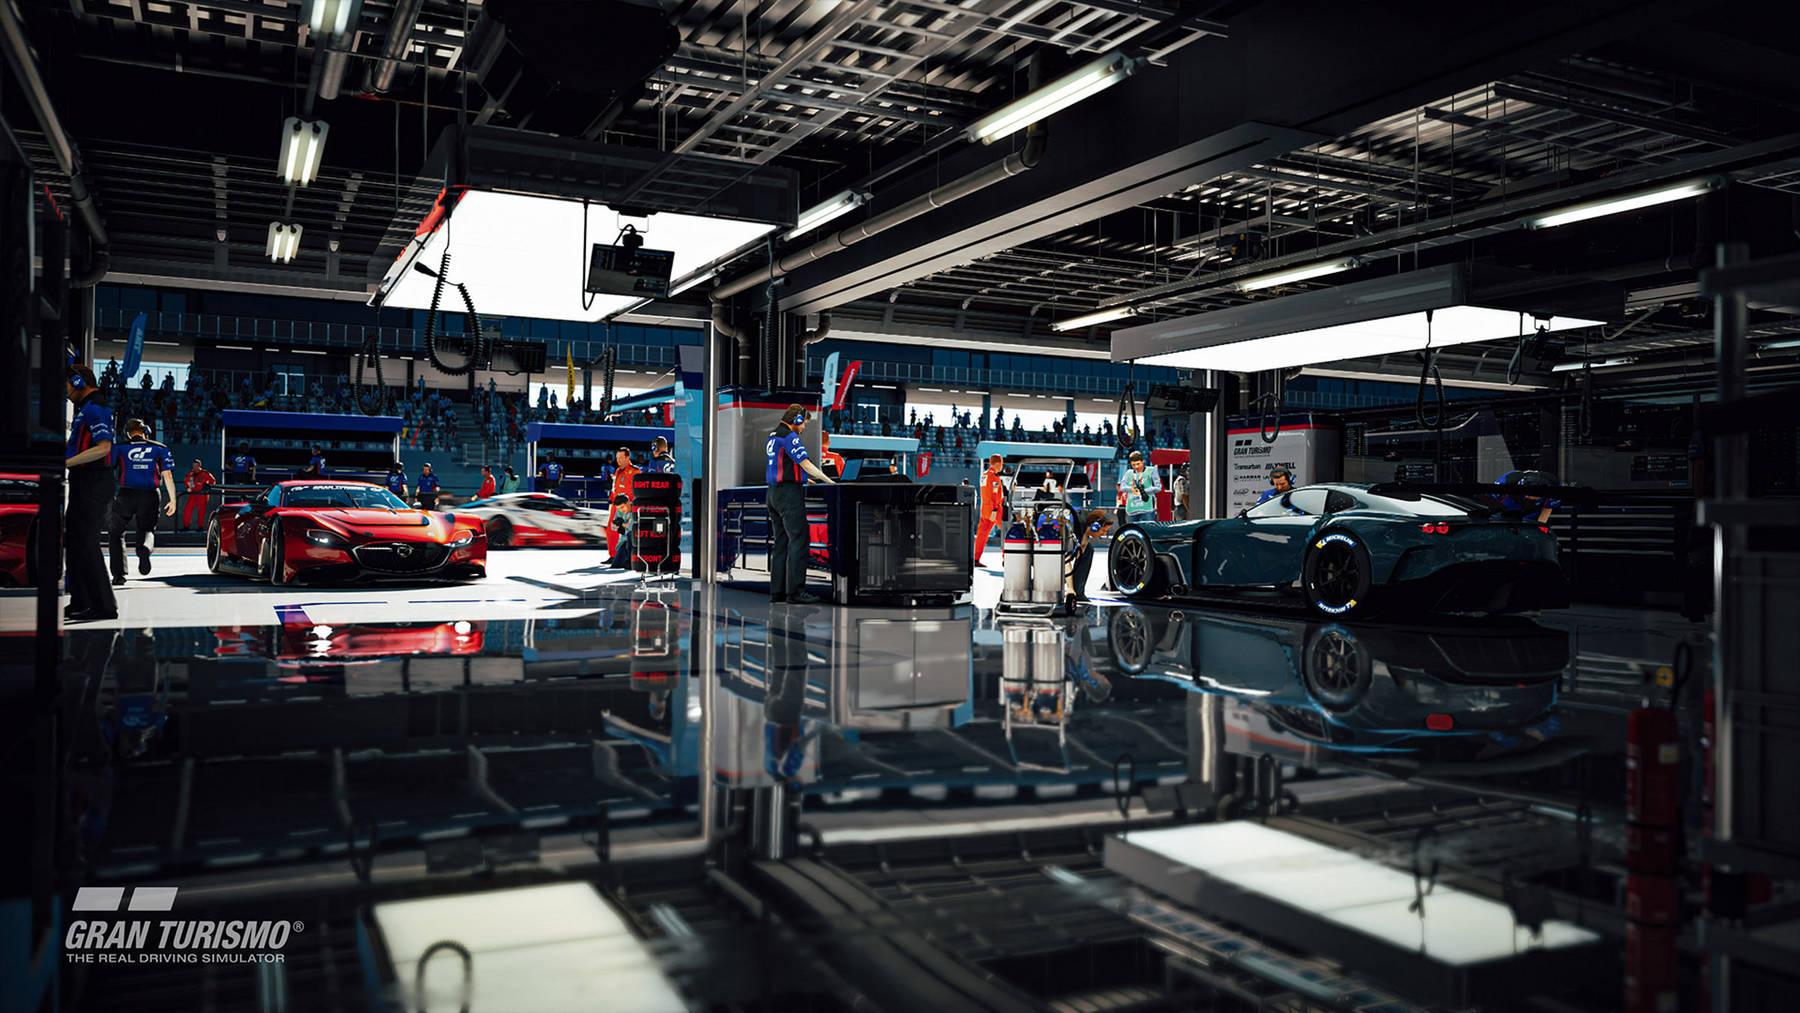 Nové informace o Gran Turismo 7